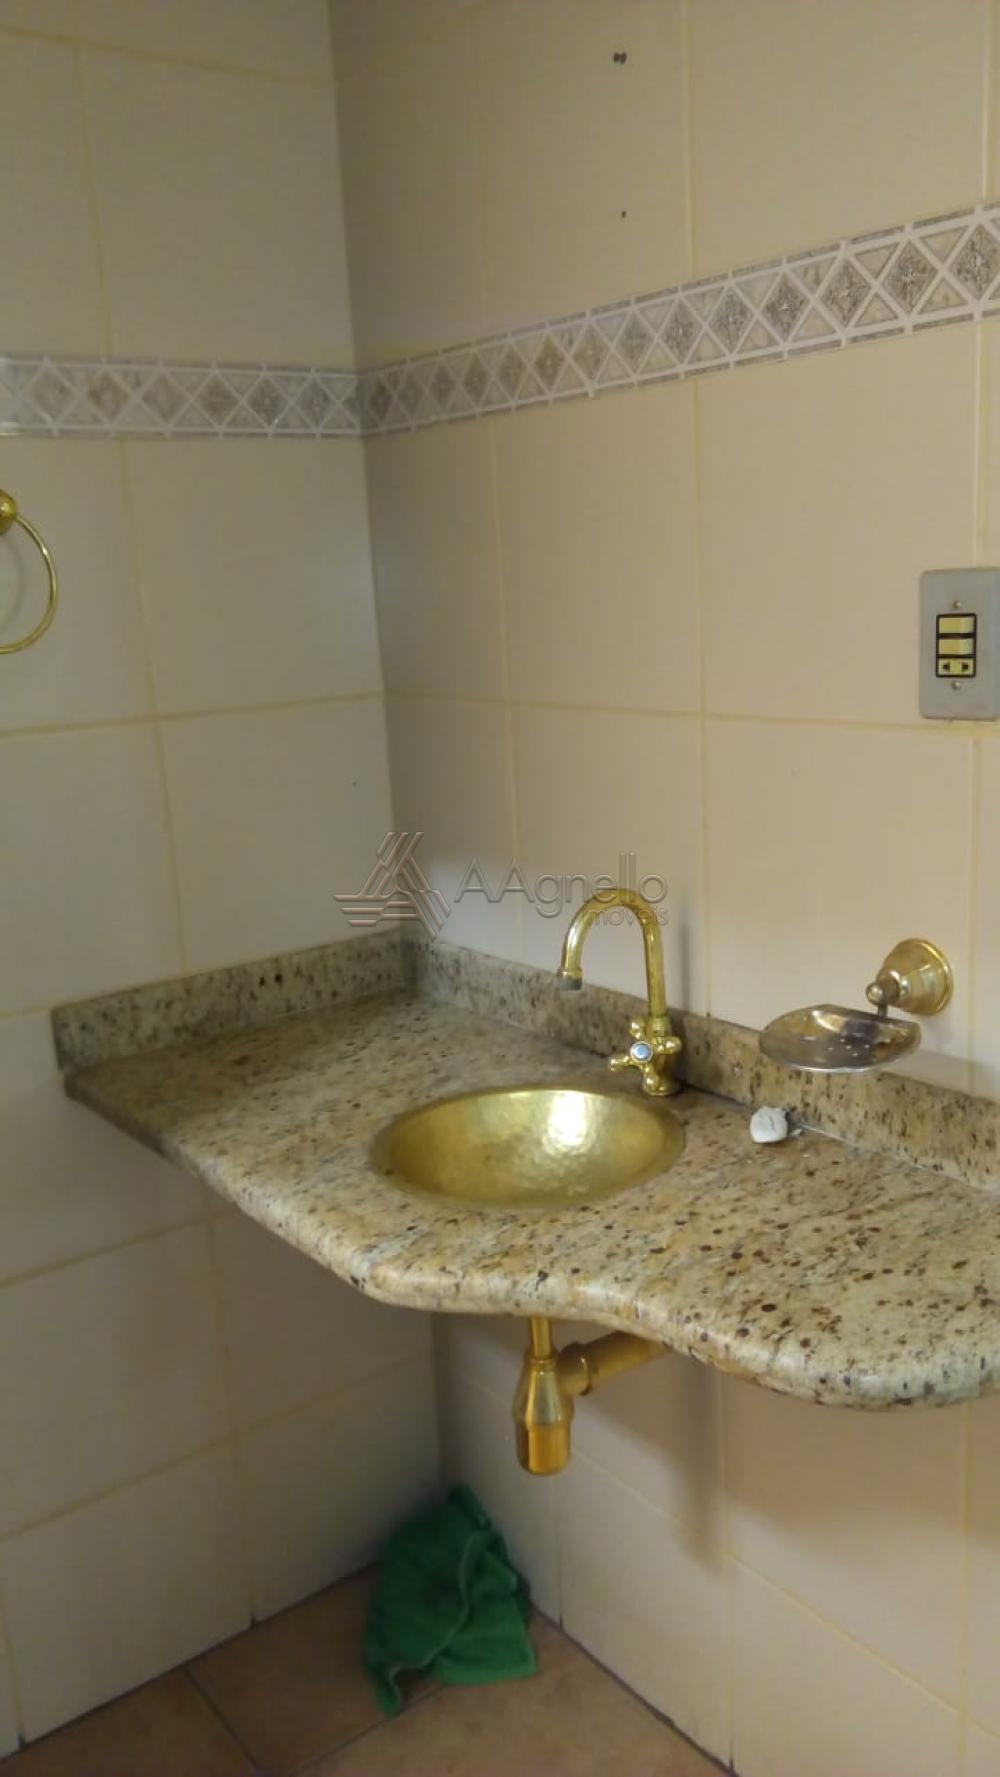 Comprar Casa / Chácara em Franca apenas R$ 700.000,00 - Foto 15